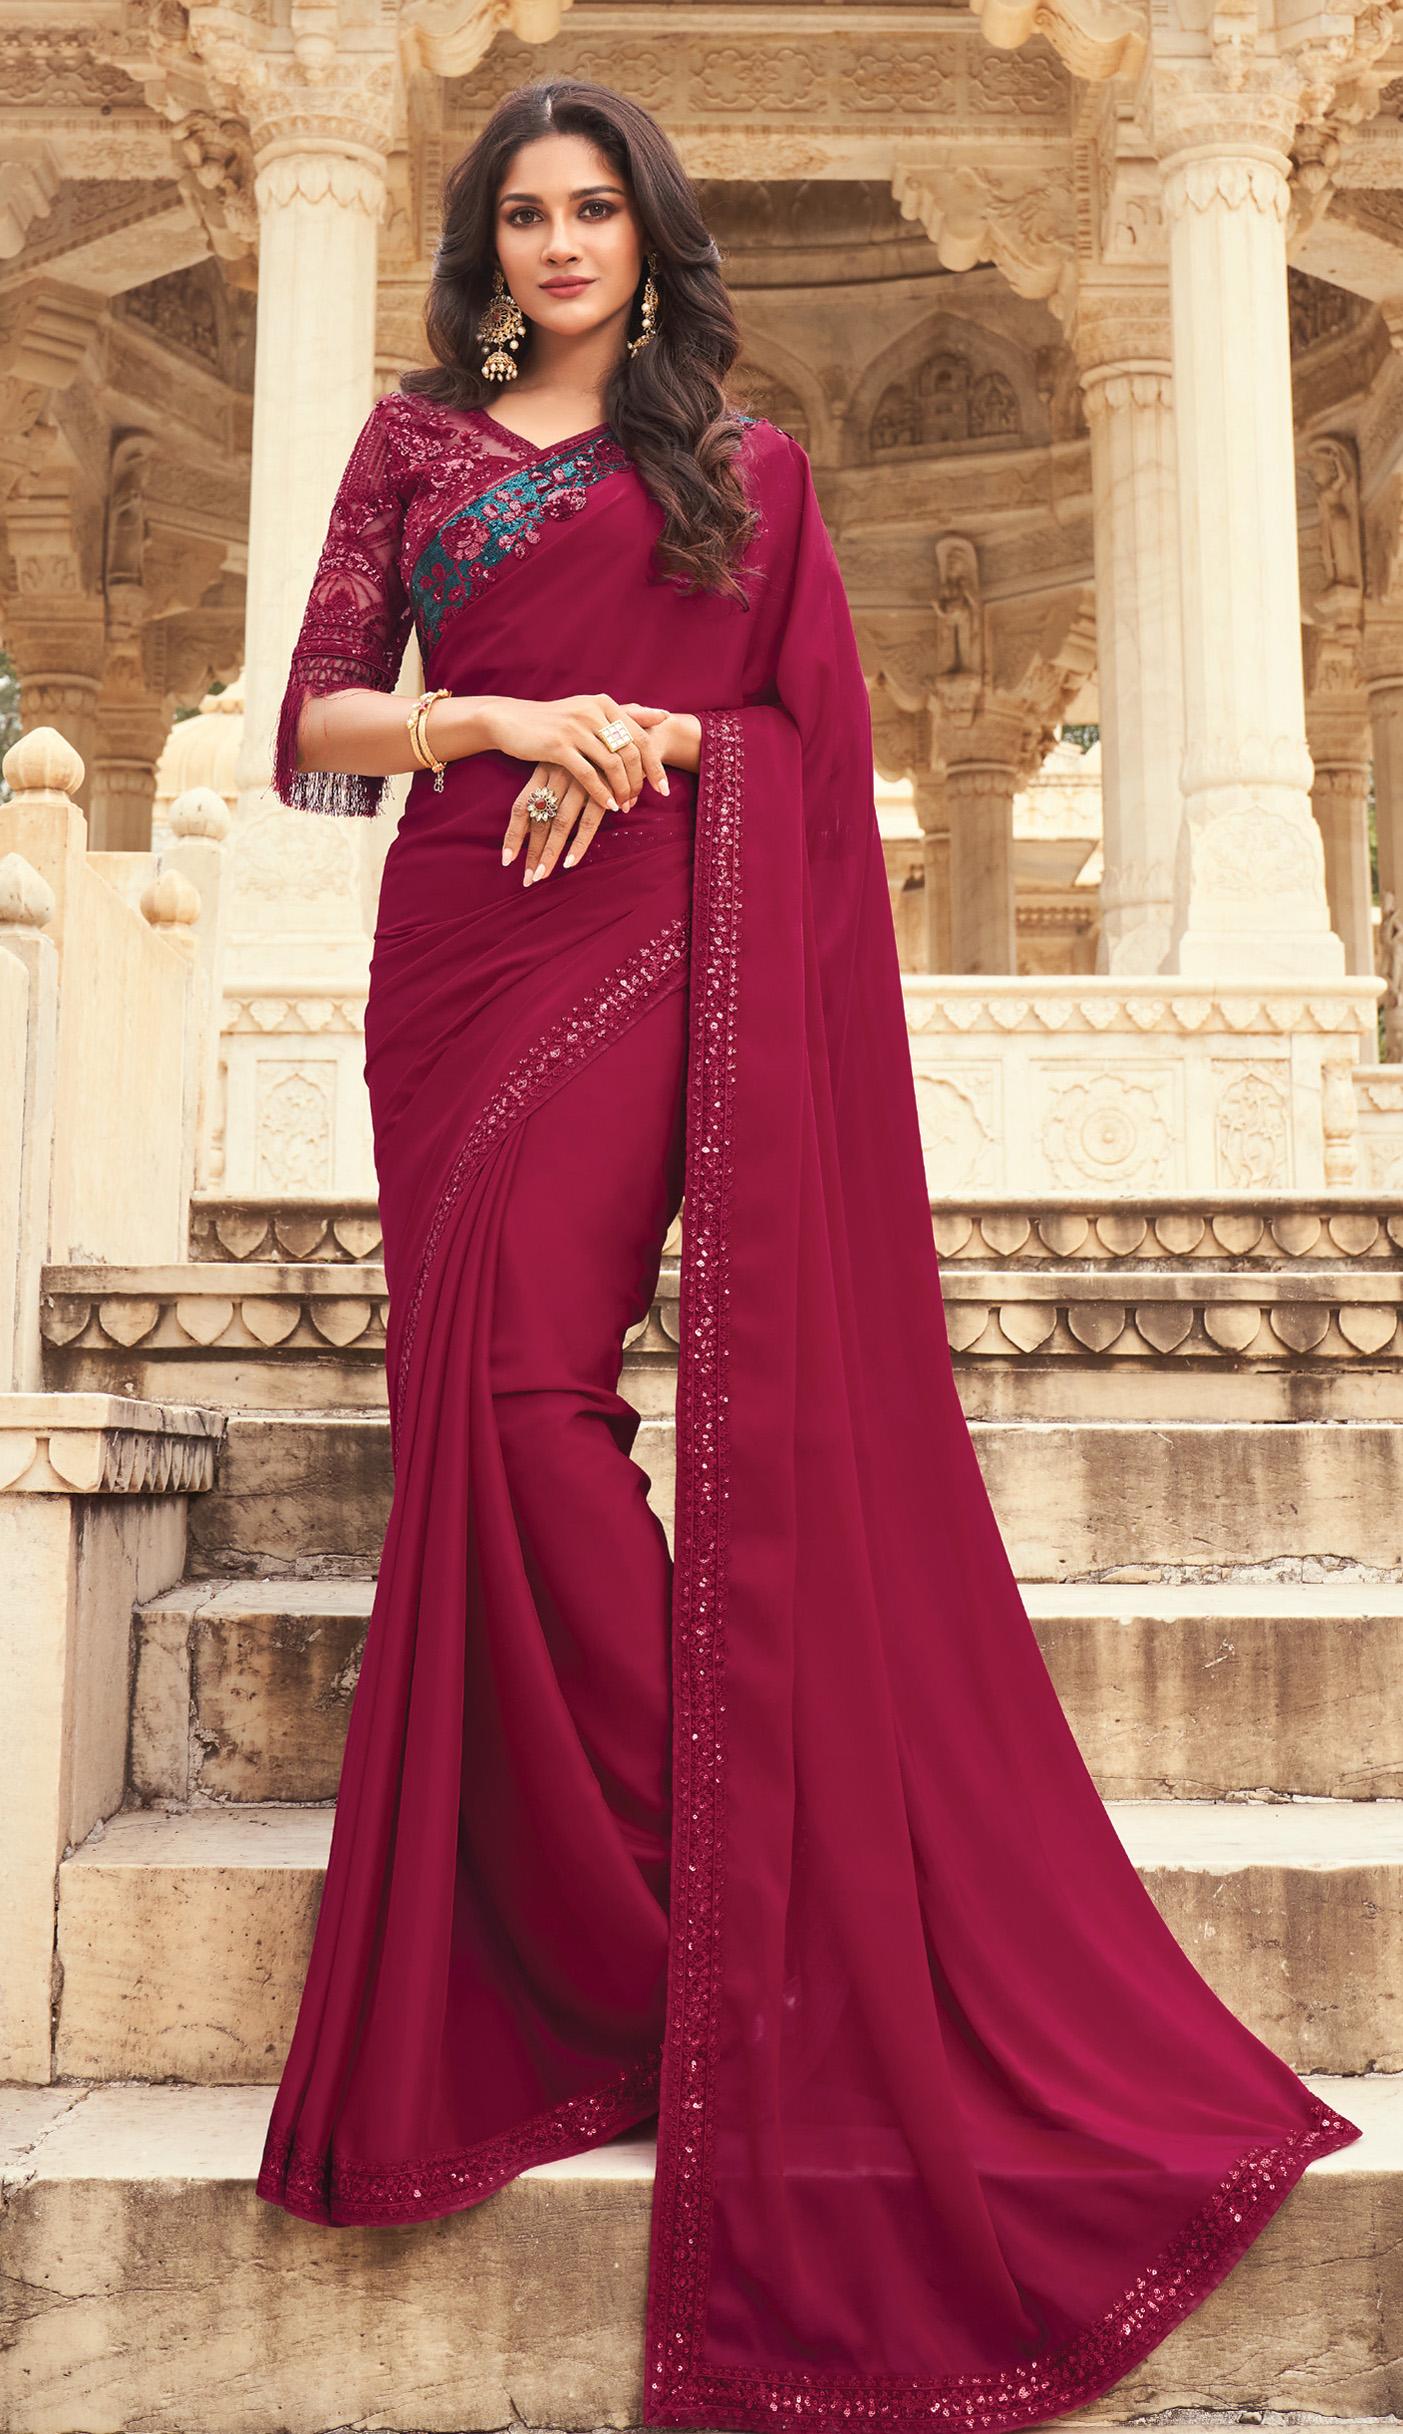 Sequines Work Designer Saree Maroon Colour